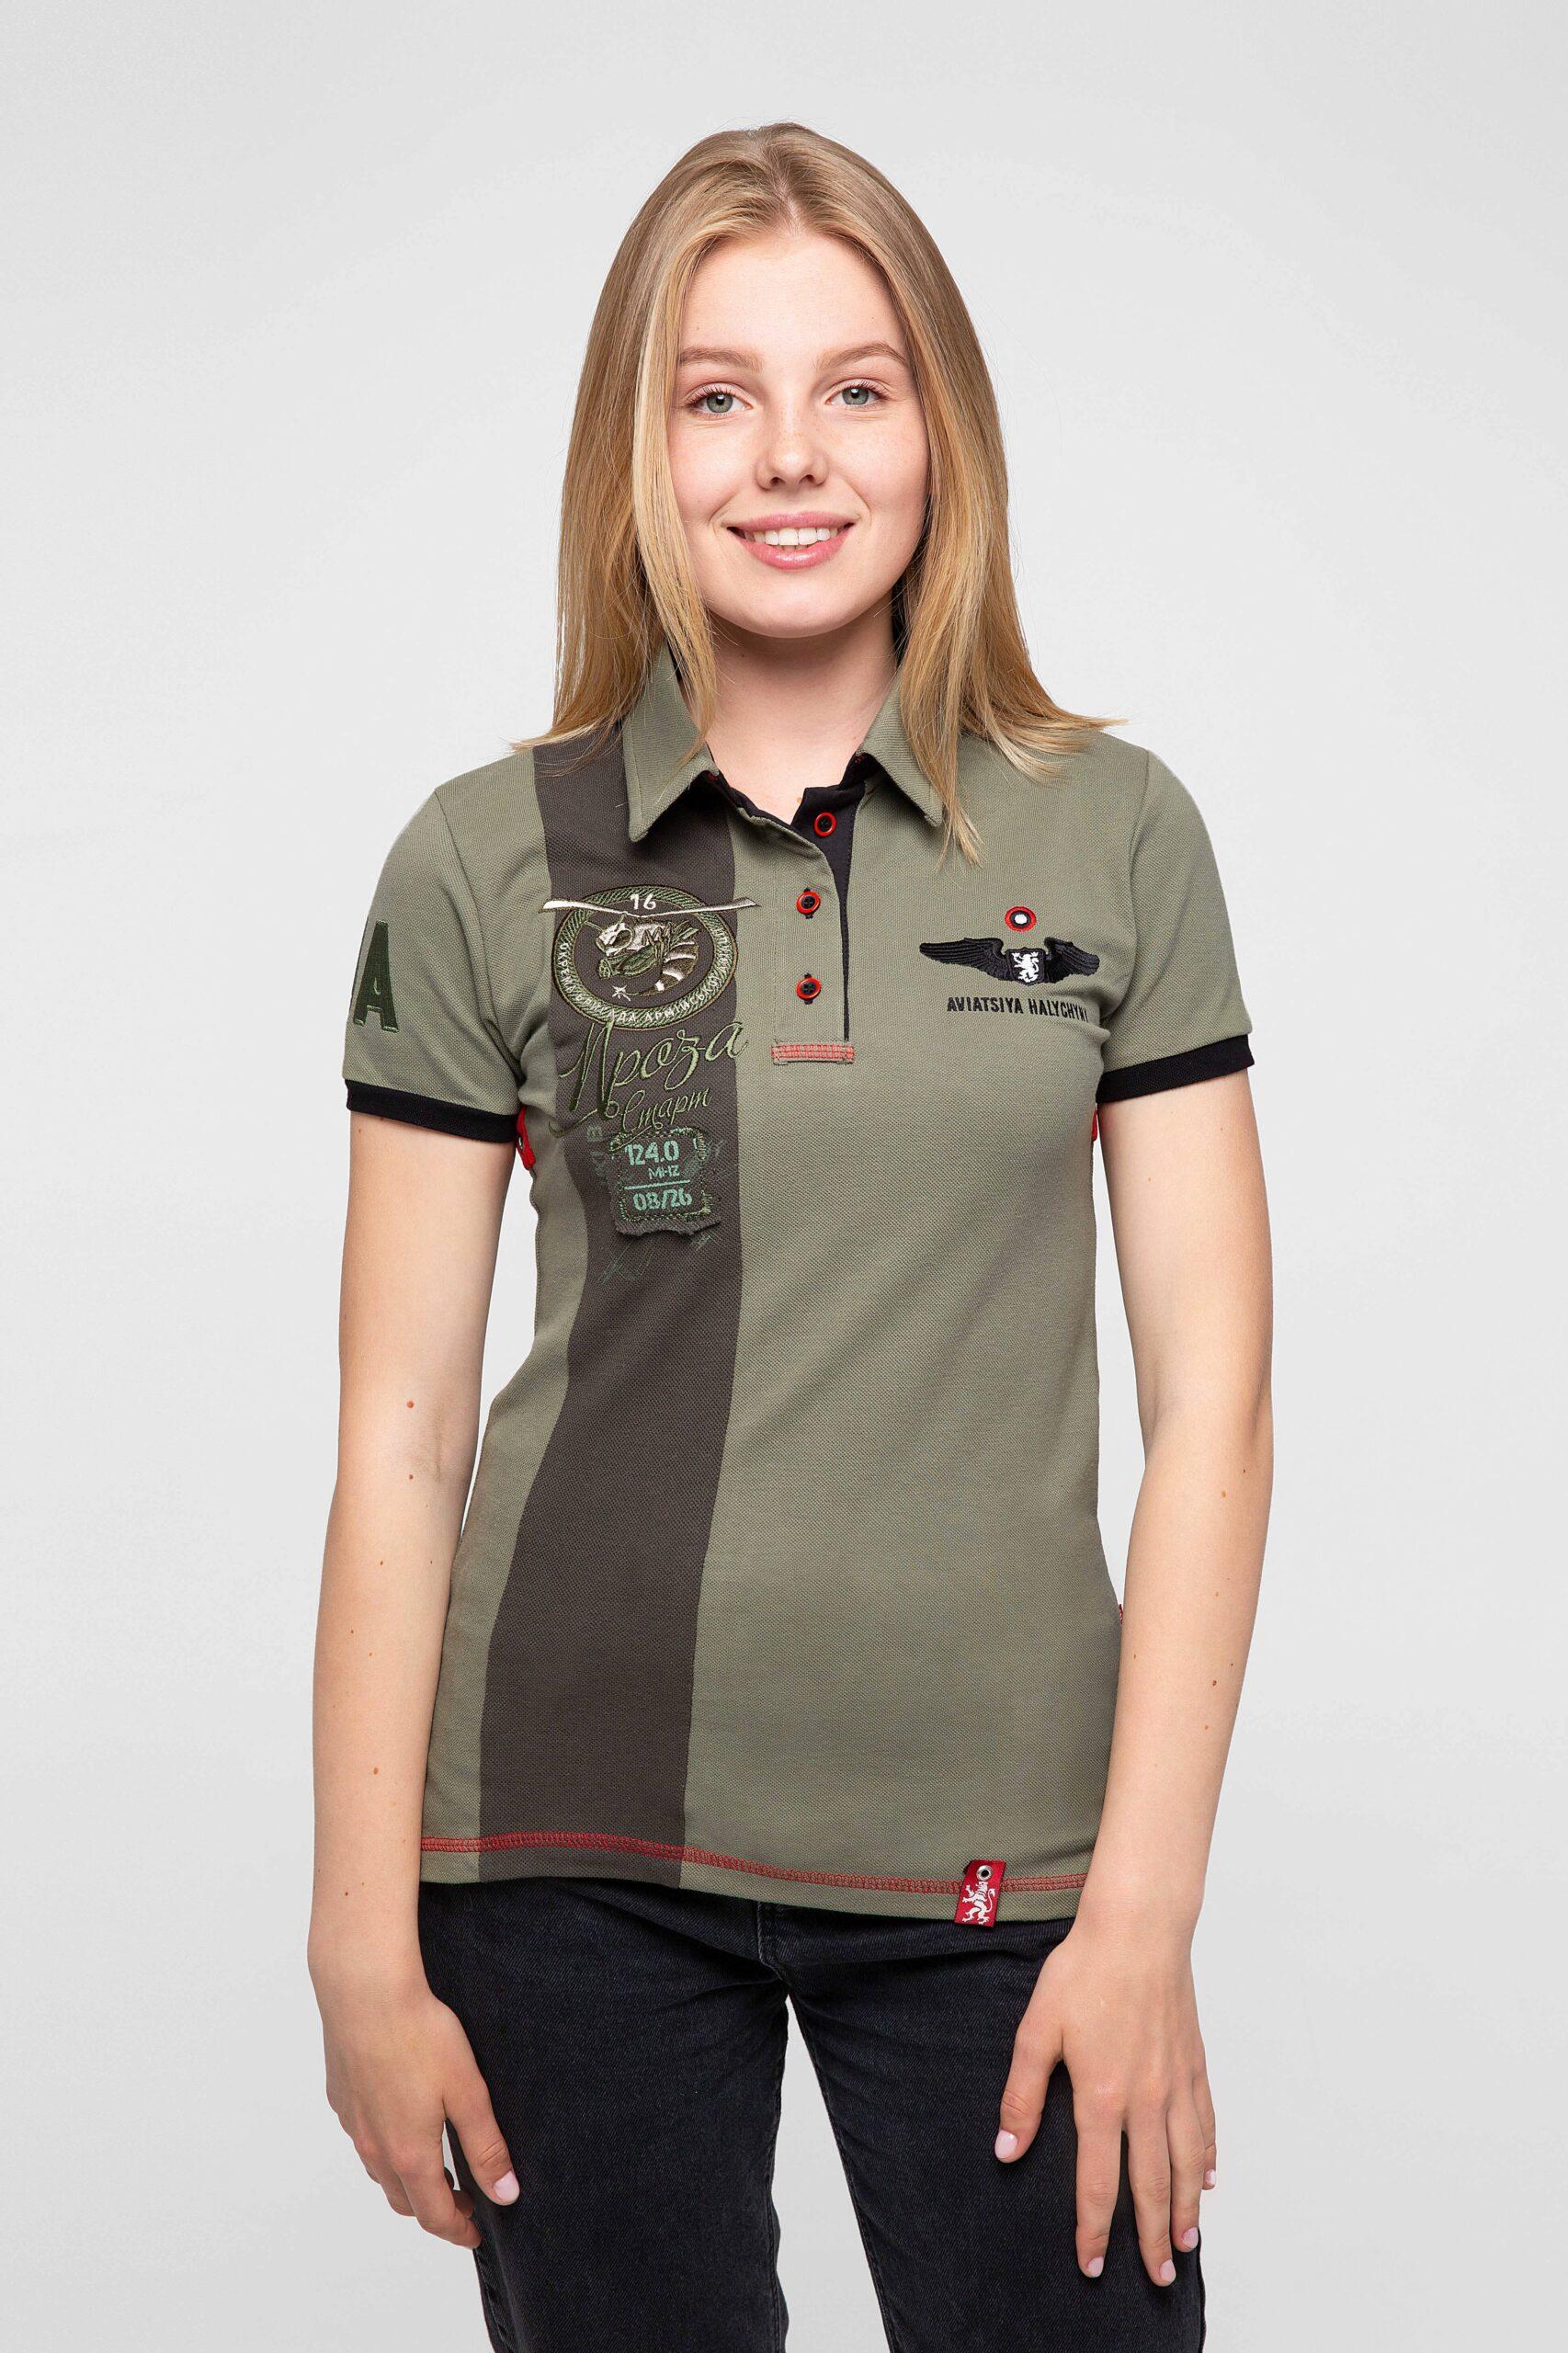 Women's Polo Shirt 16 Brigade. Color khaki. Pique fabric: 100% cotton.